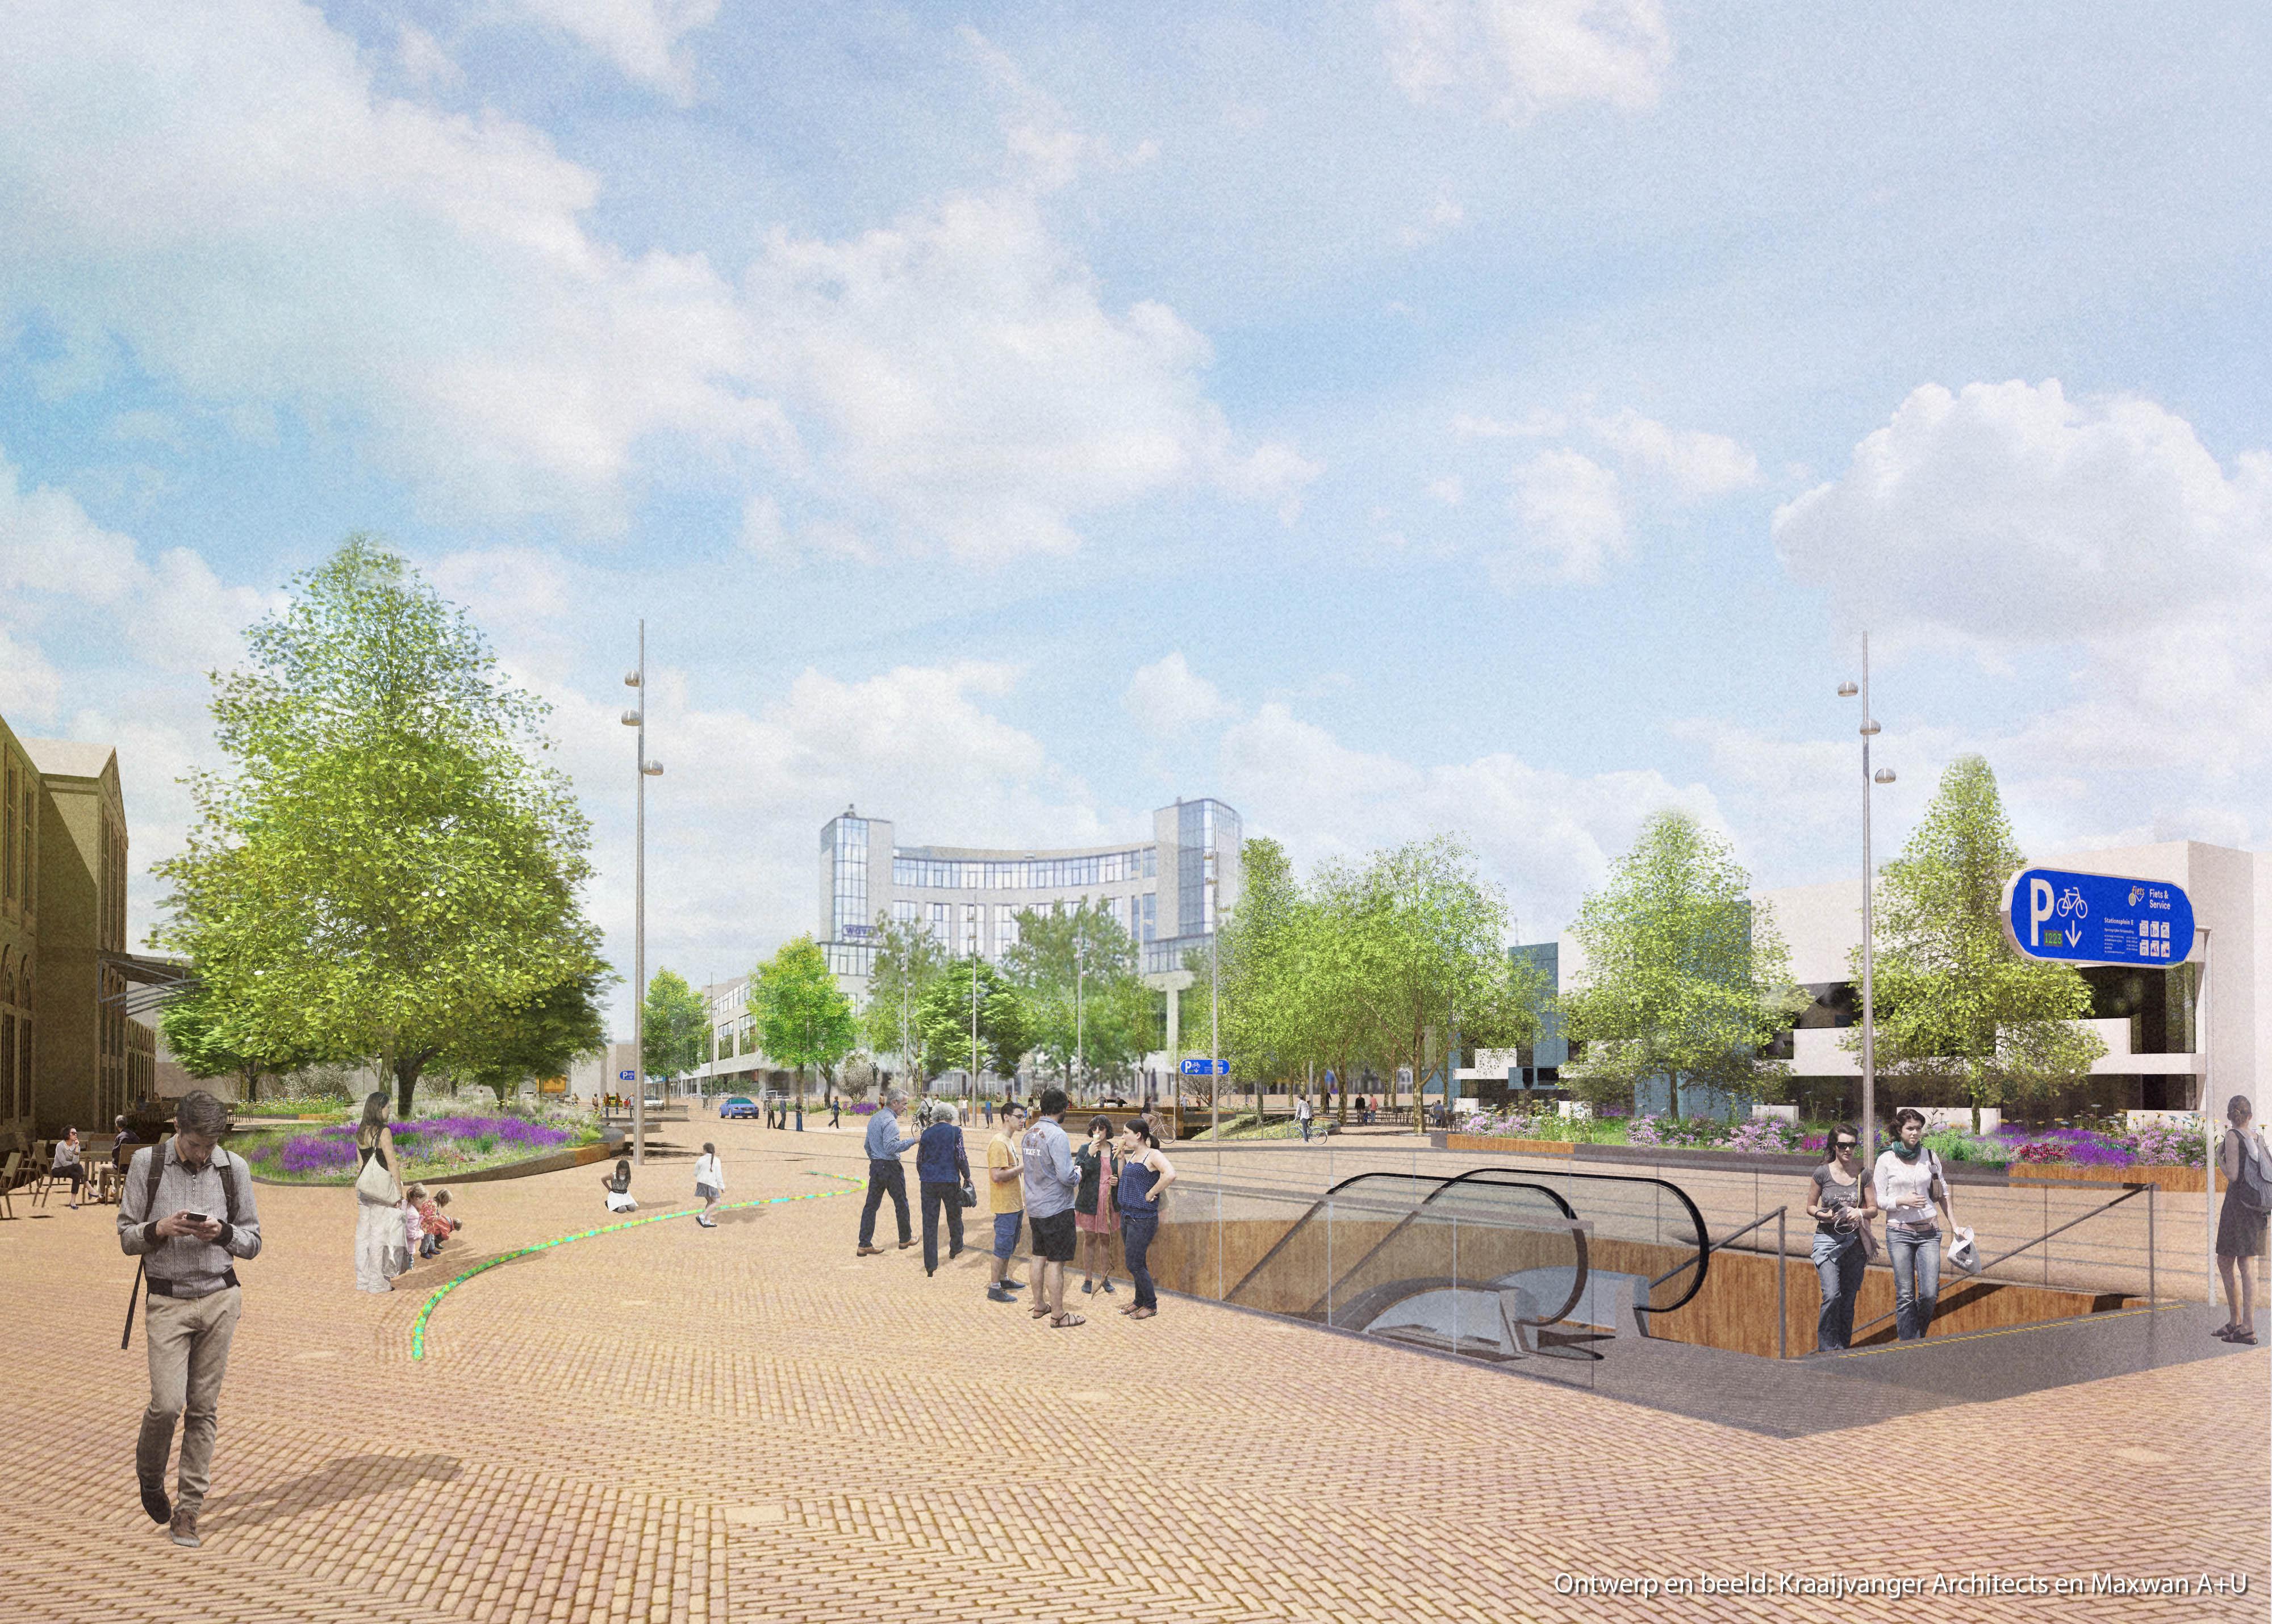 <p>Ondergrondse fietsenstalling en herinrichting Stationsplein Zwolle naar ontwerp van Kraaijvanger Architects en Maxwan</p>